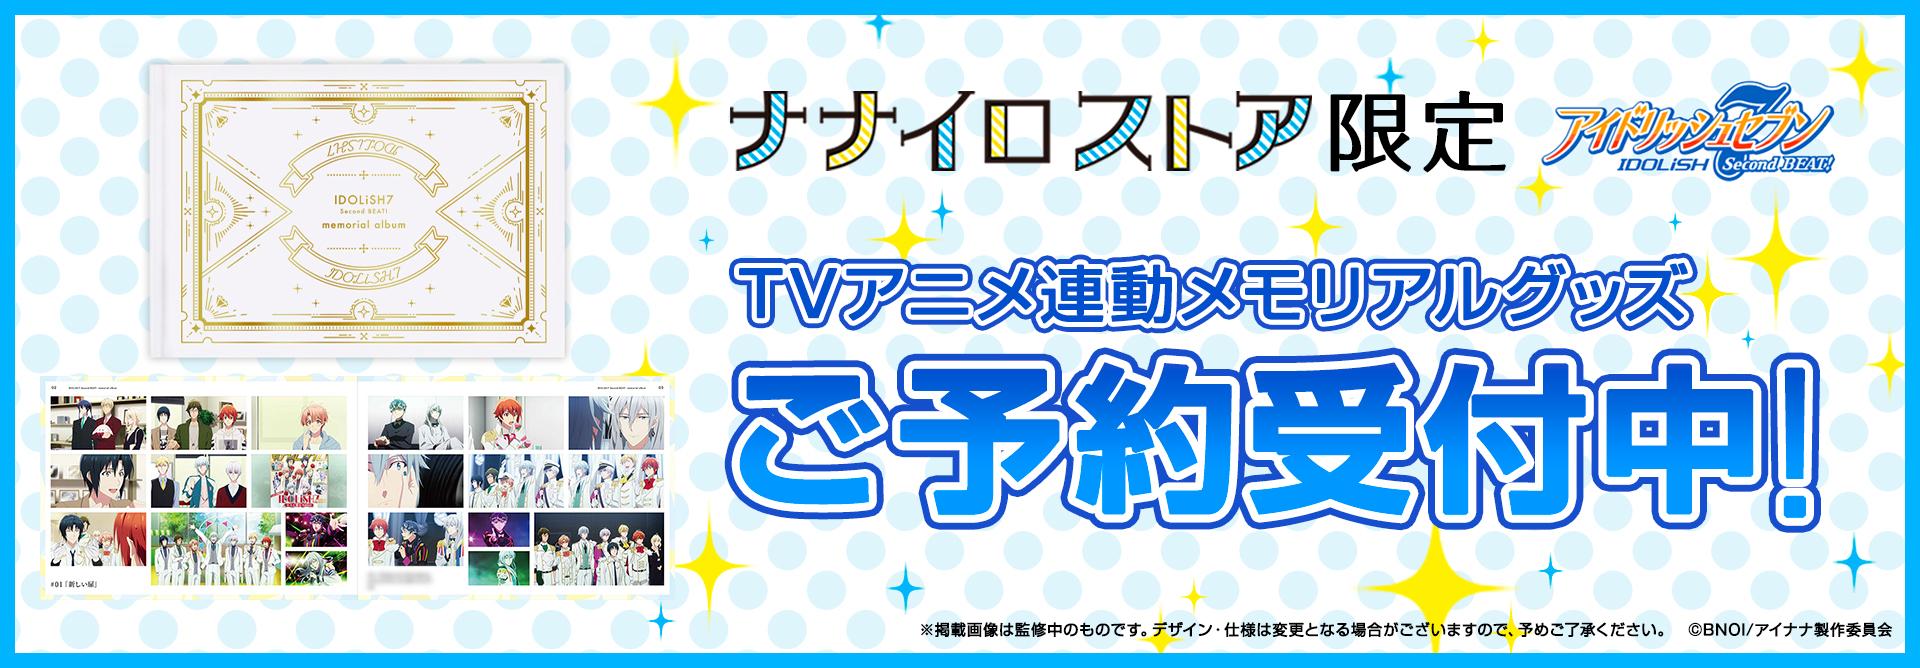 ナナイロストア限定TVアニメ連動メモリアルグッズ